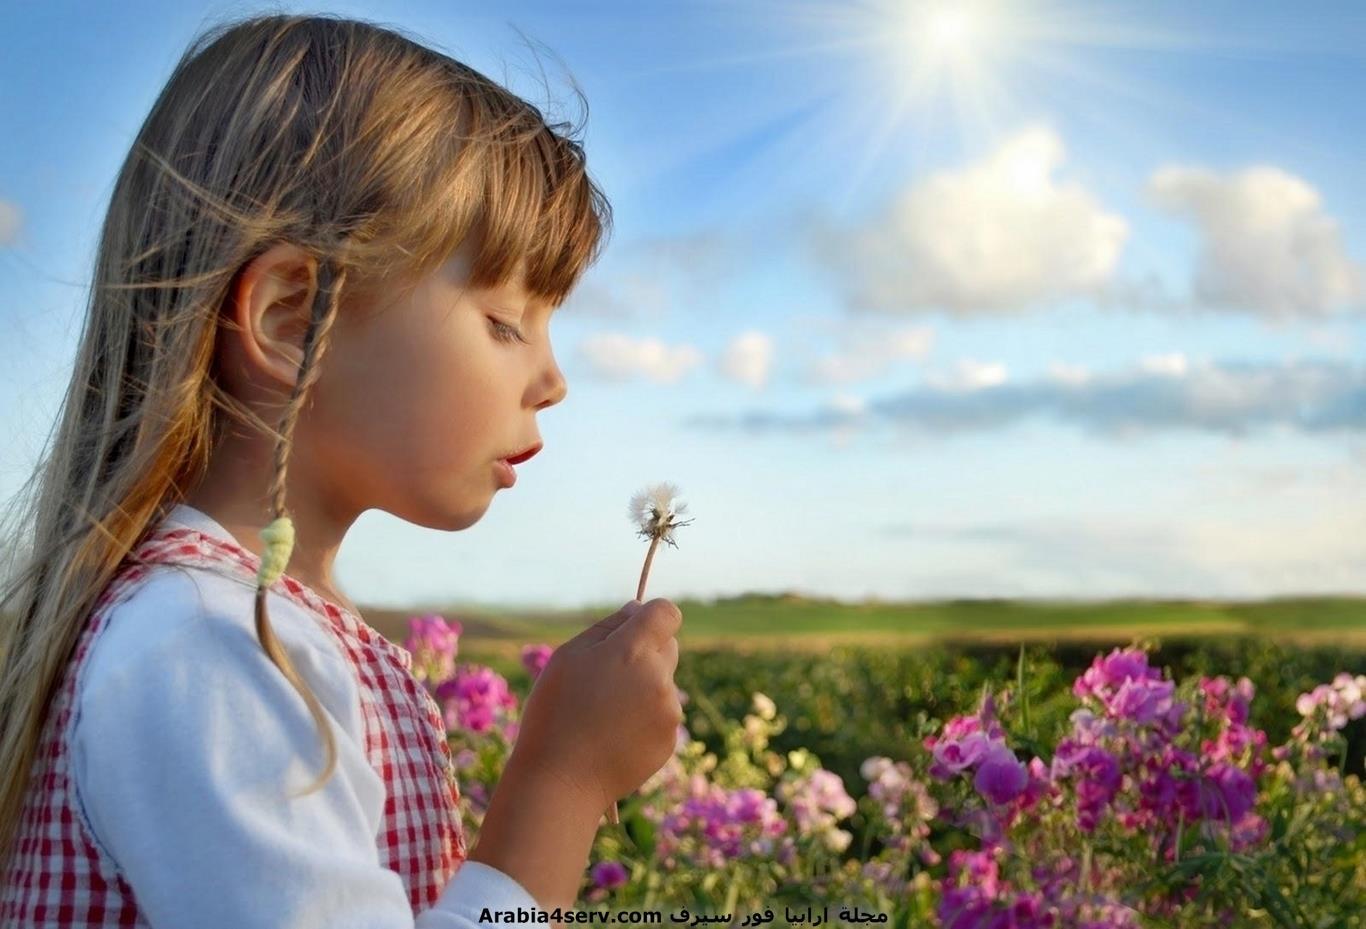 خلفيات-و-صور-اطفال-مع-الزهور-و-الورود-2